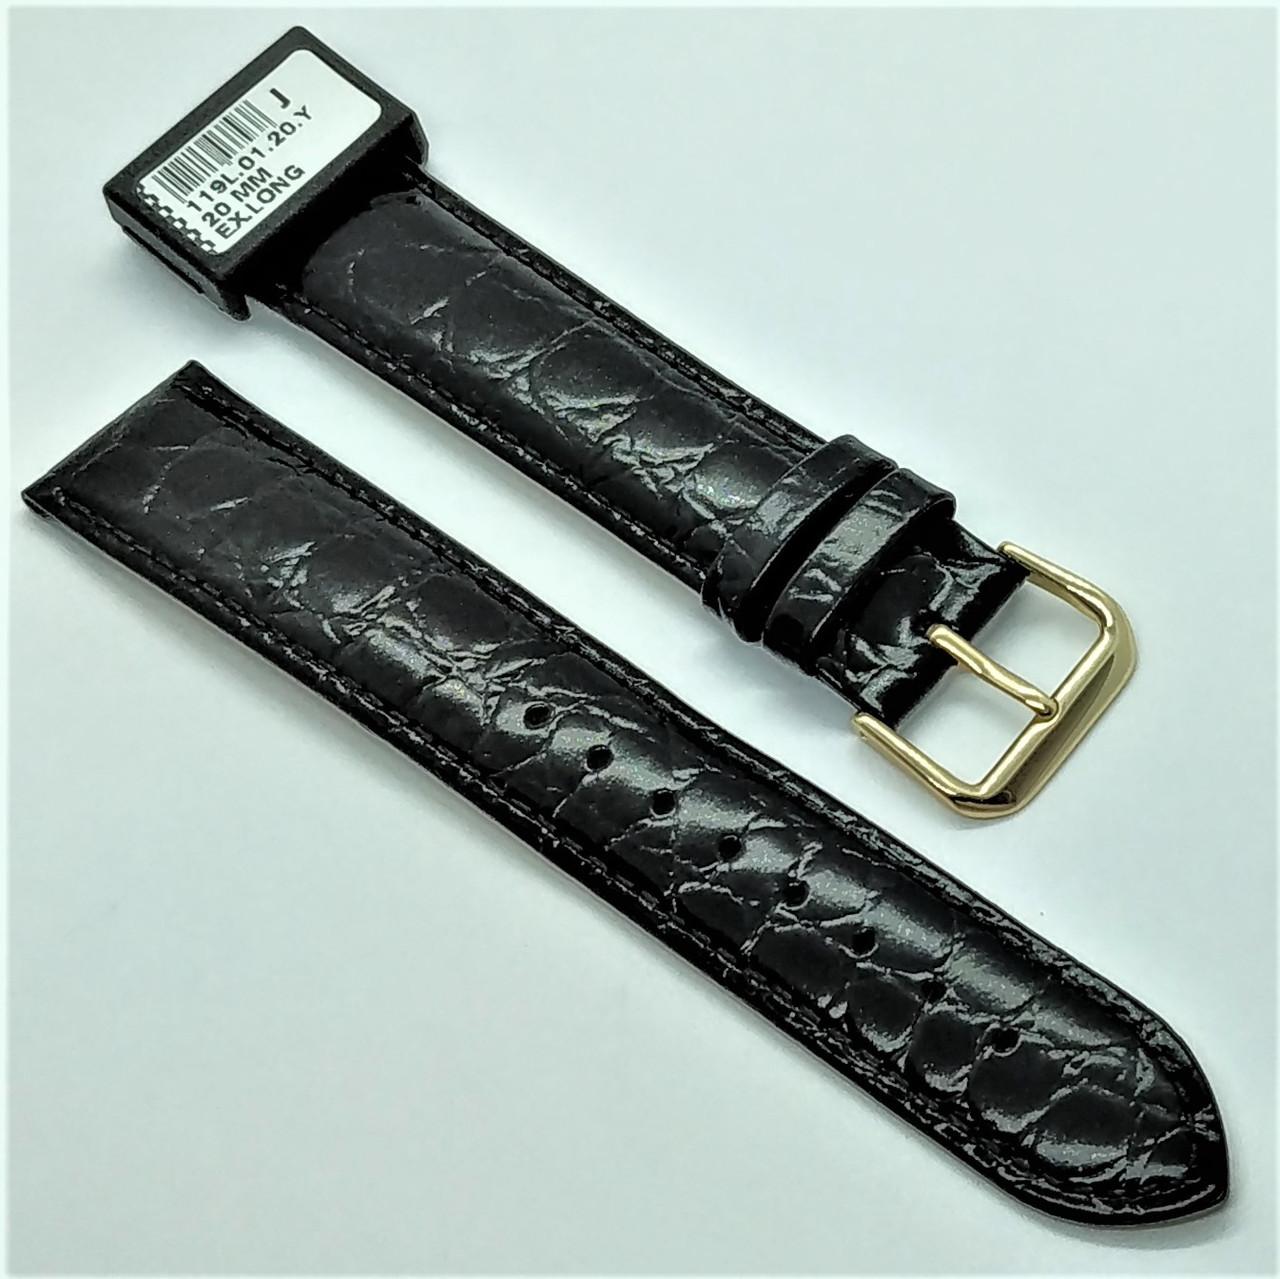 20 мм Кожаный Ремешок для часов CONDOR 119L.20.01 Черный Ремешок на часы из Натуральной кожи удлиненный